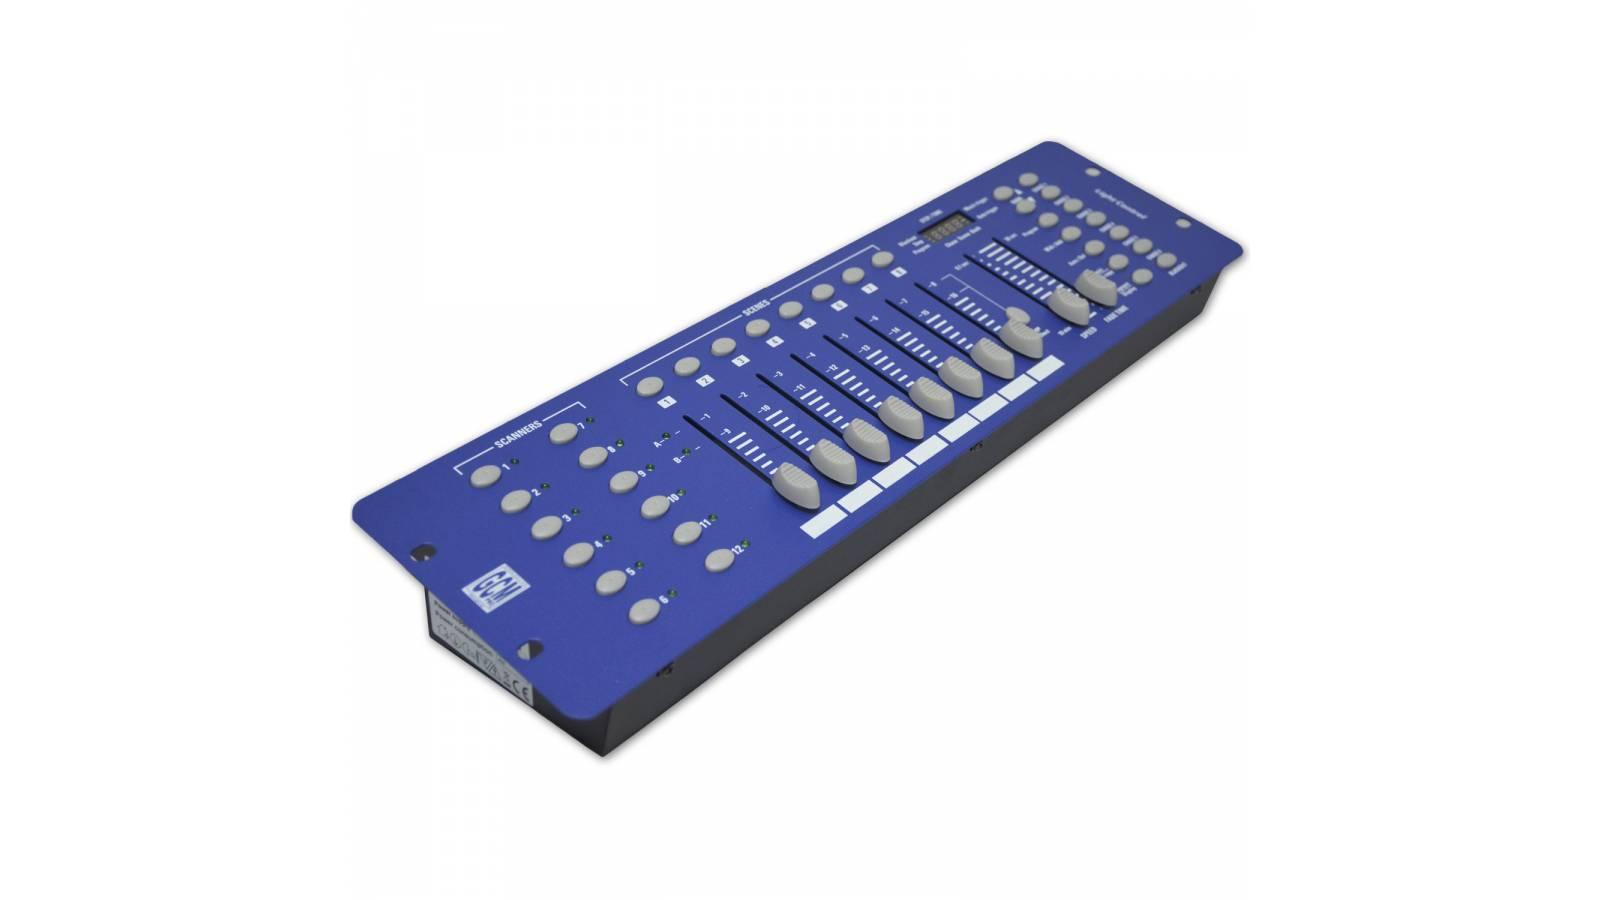 Controlador Consola Dmx GC-192D Efectos Luces Modelo 2017 Gcm Pro